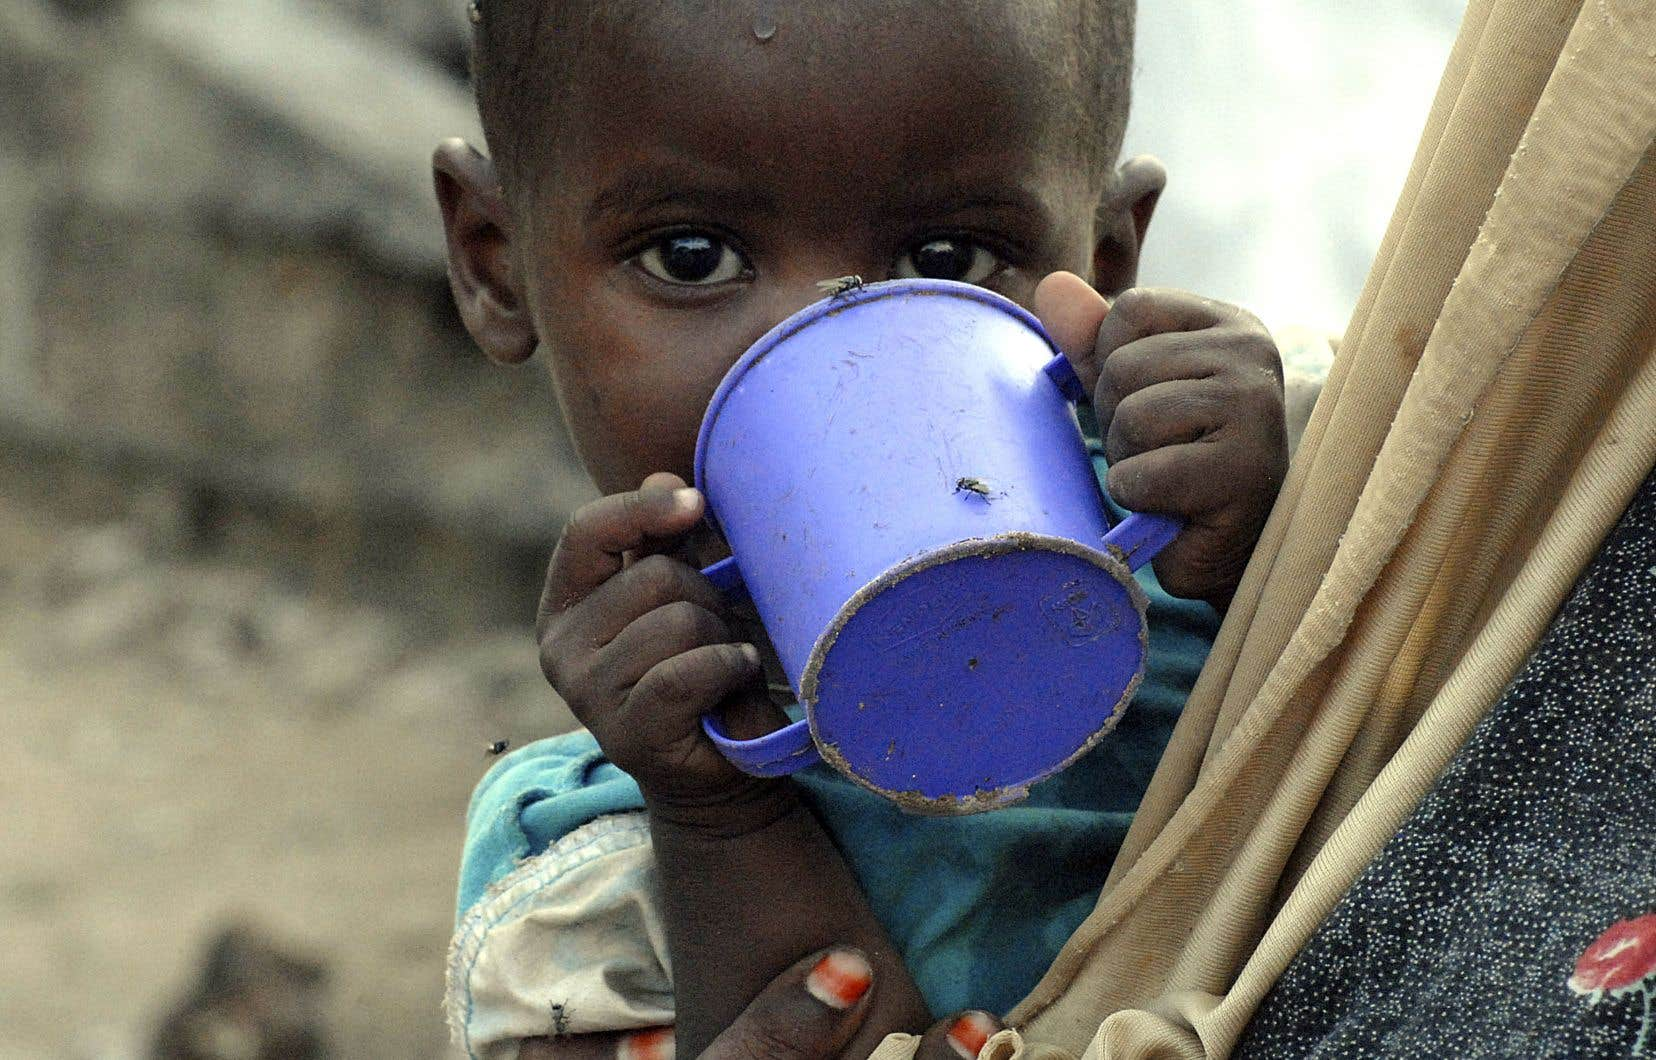 D'ici 30 ans, cinq milliards d'humains, particulièrement en Afrique et en Asie duSud, pourraient être confrontés à une pénurie d'eau potable et de nourriture.